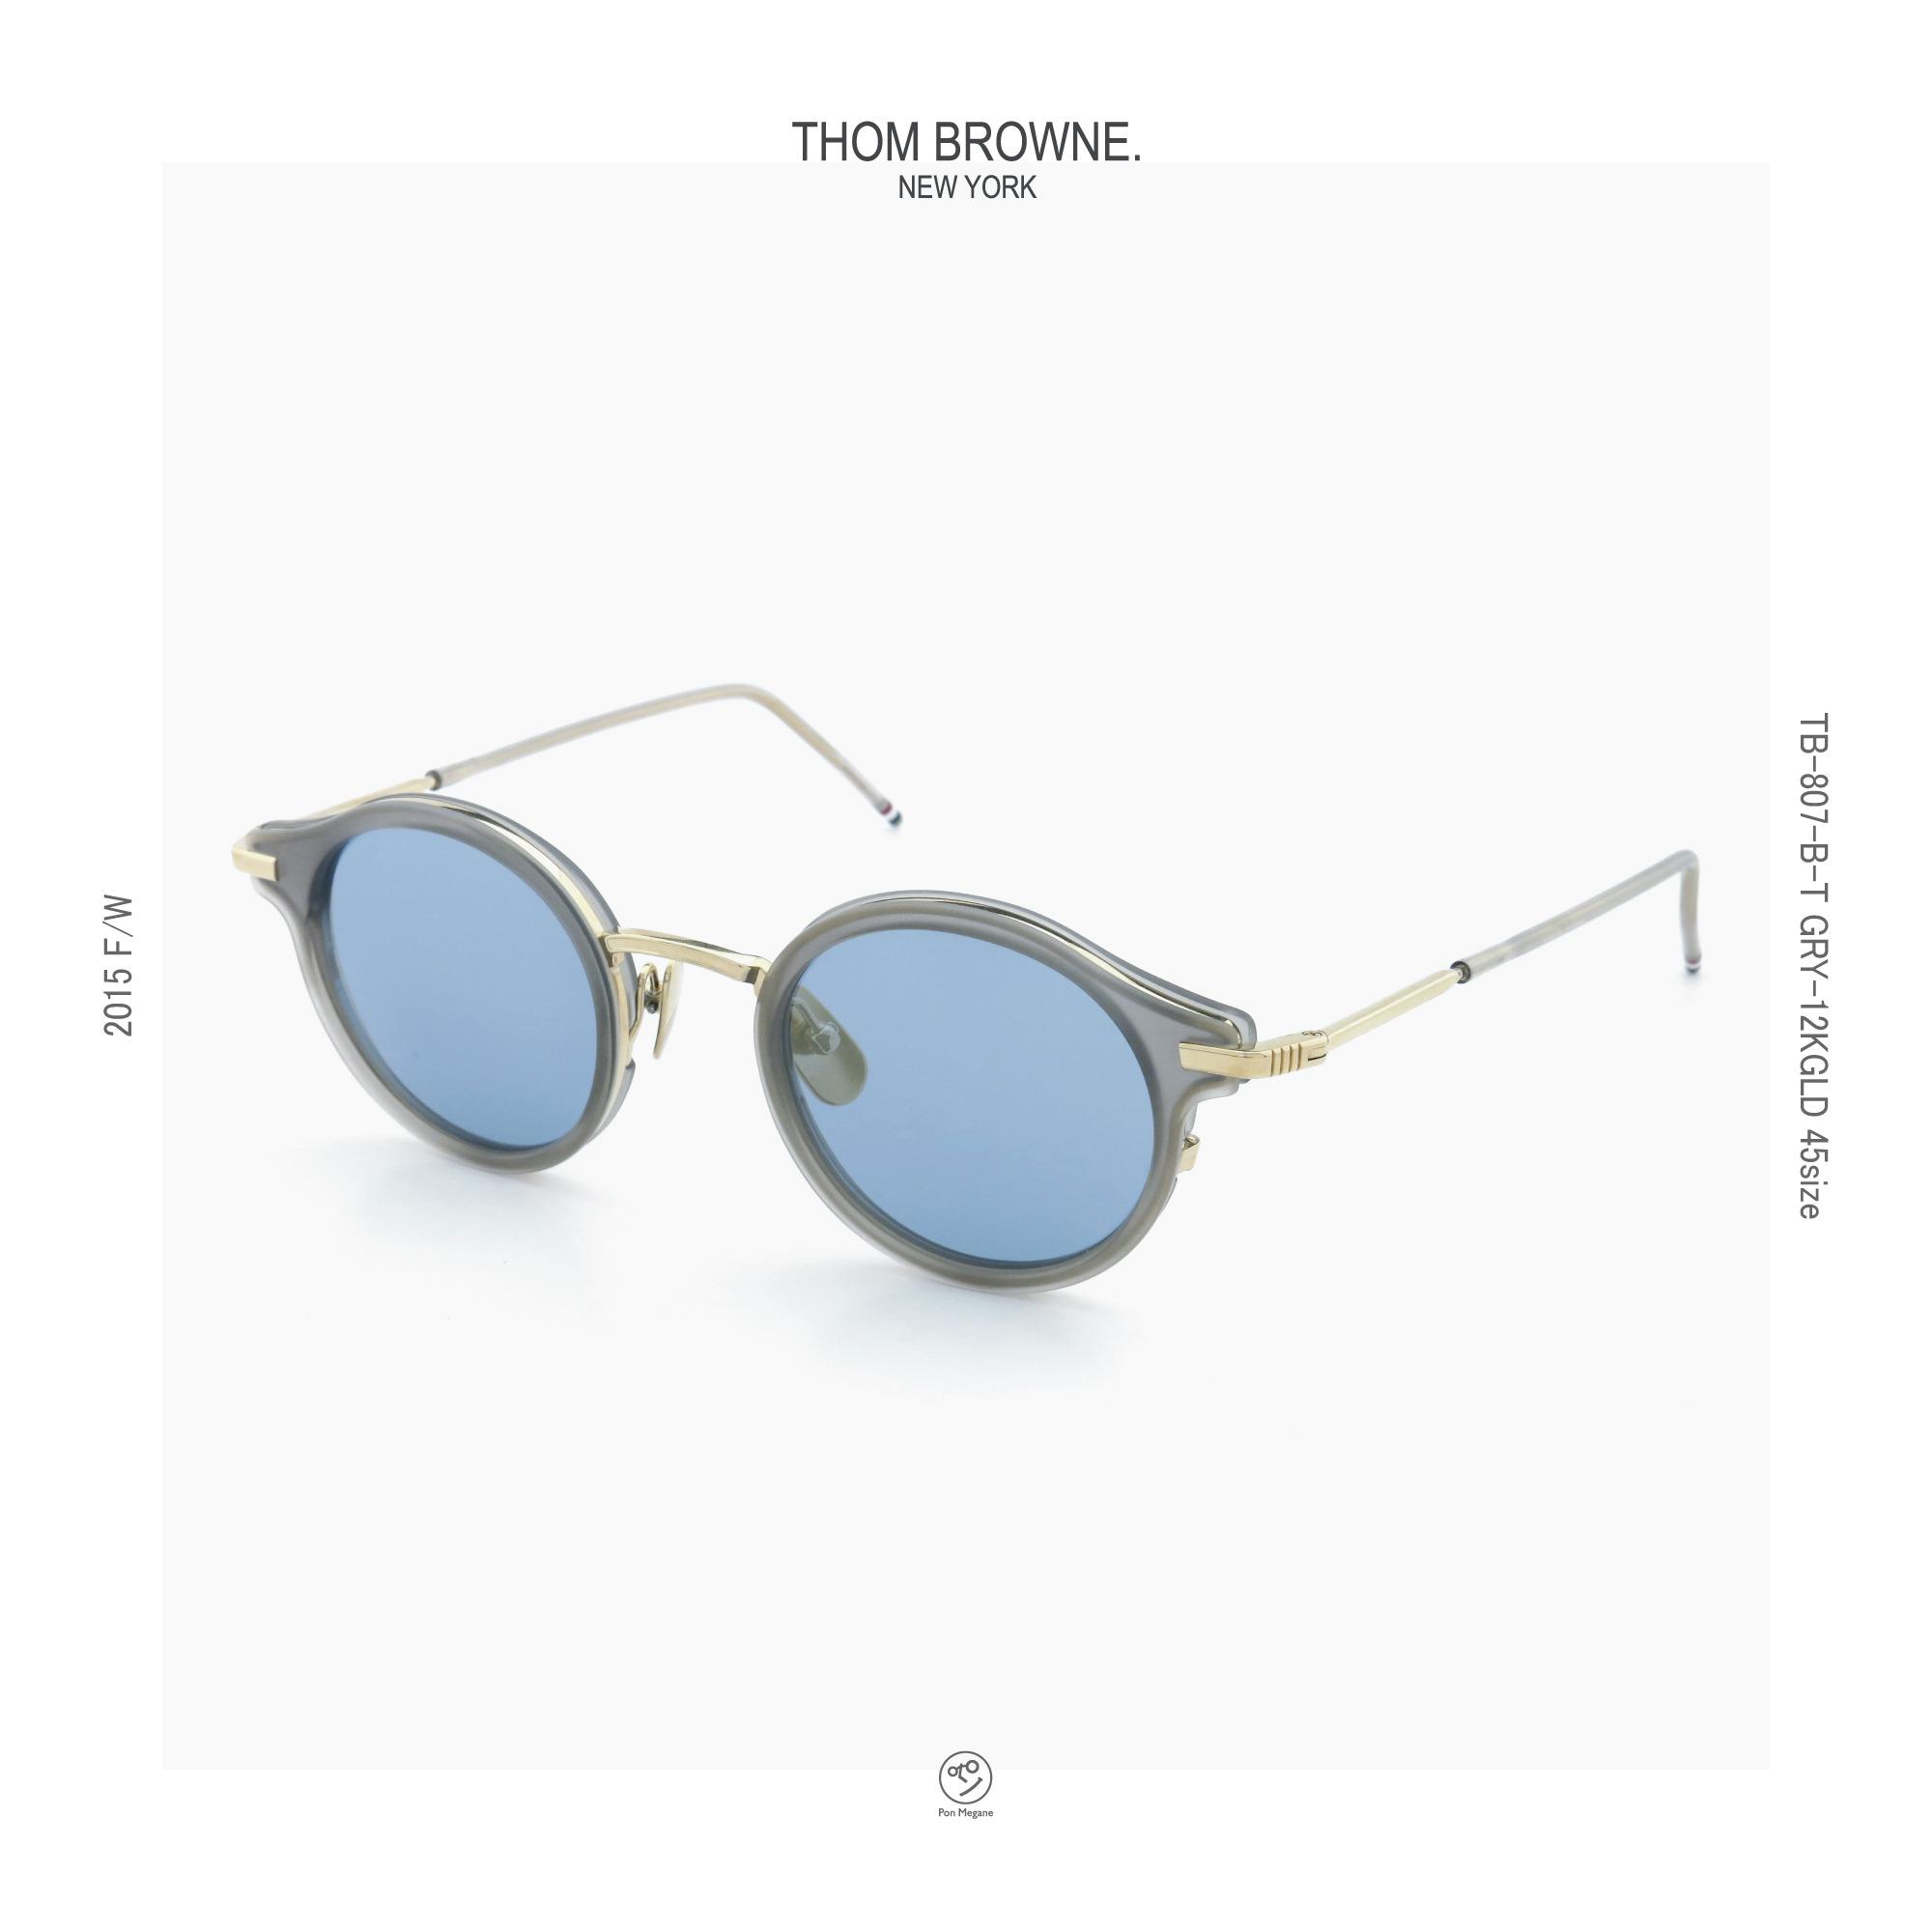 THOM-BROWNE-TB-807-B-T-GRY-12KGLD-45-DB-GF-insta